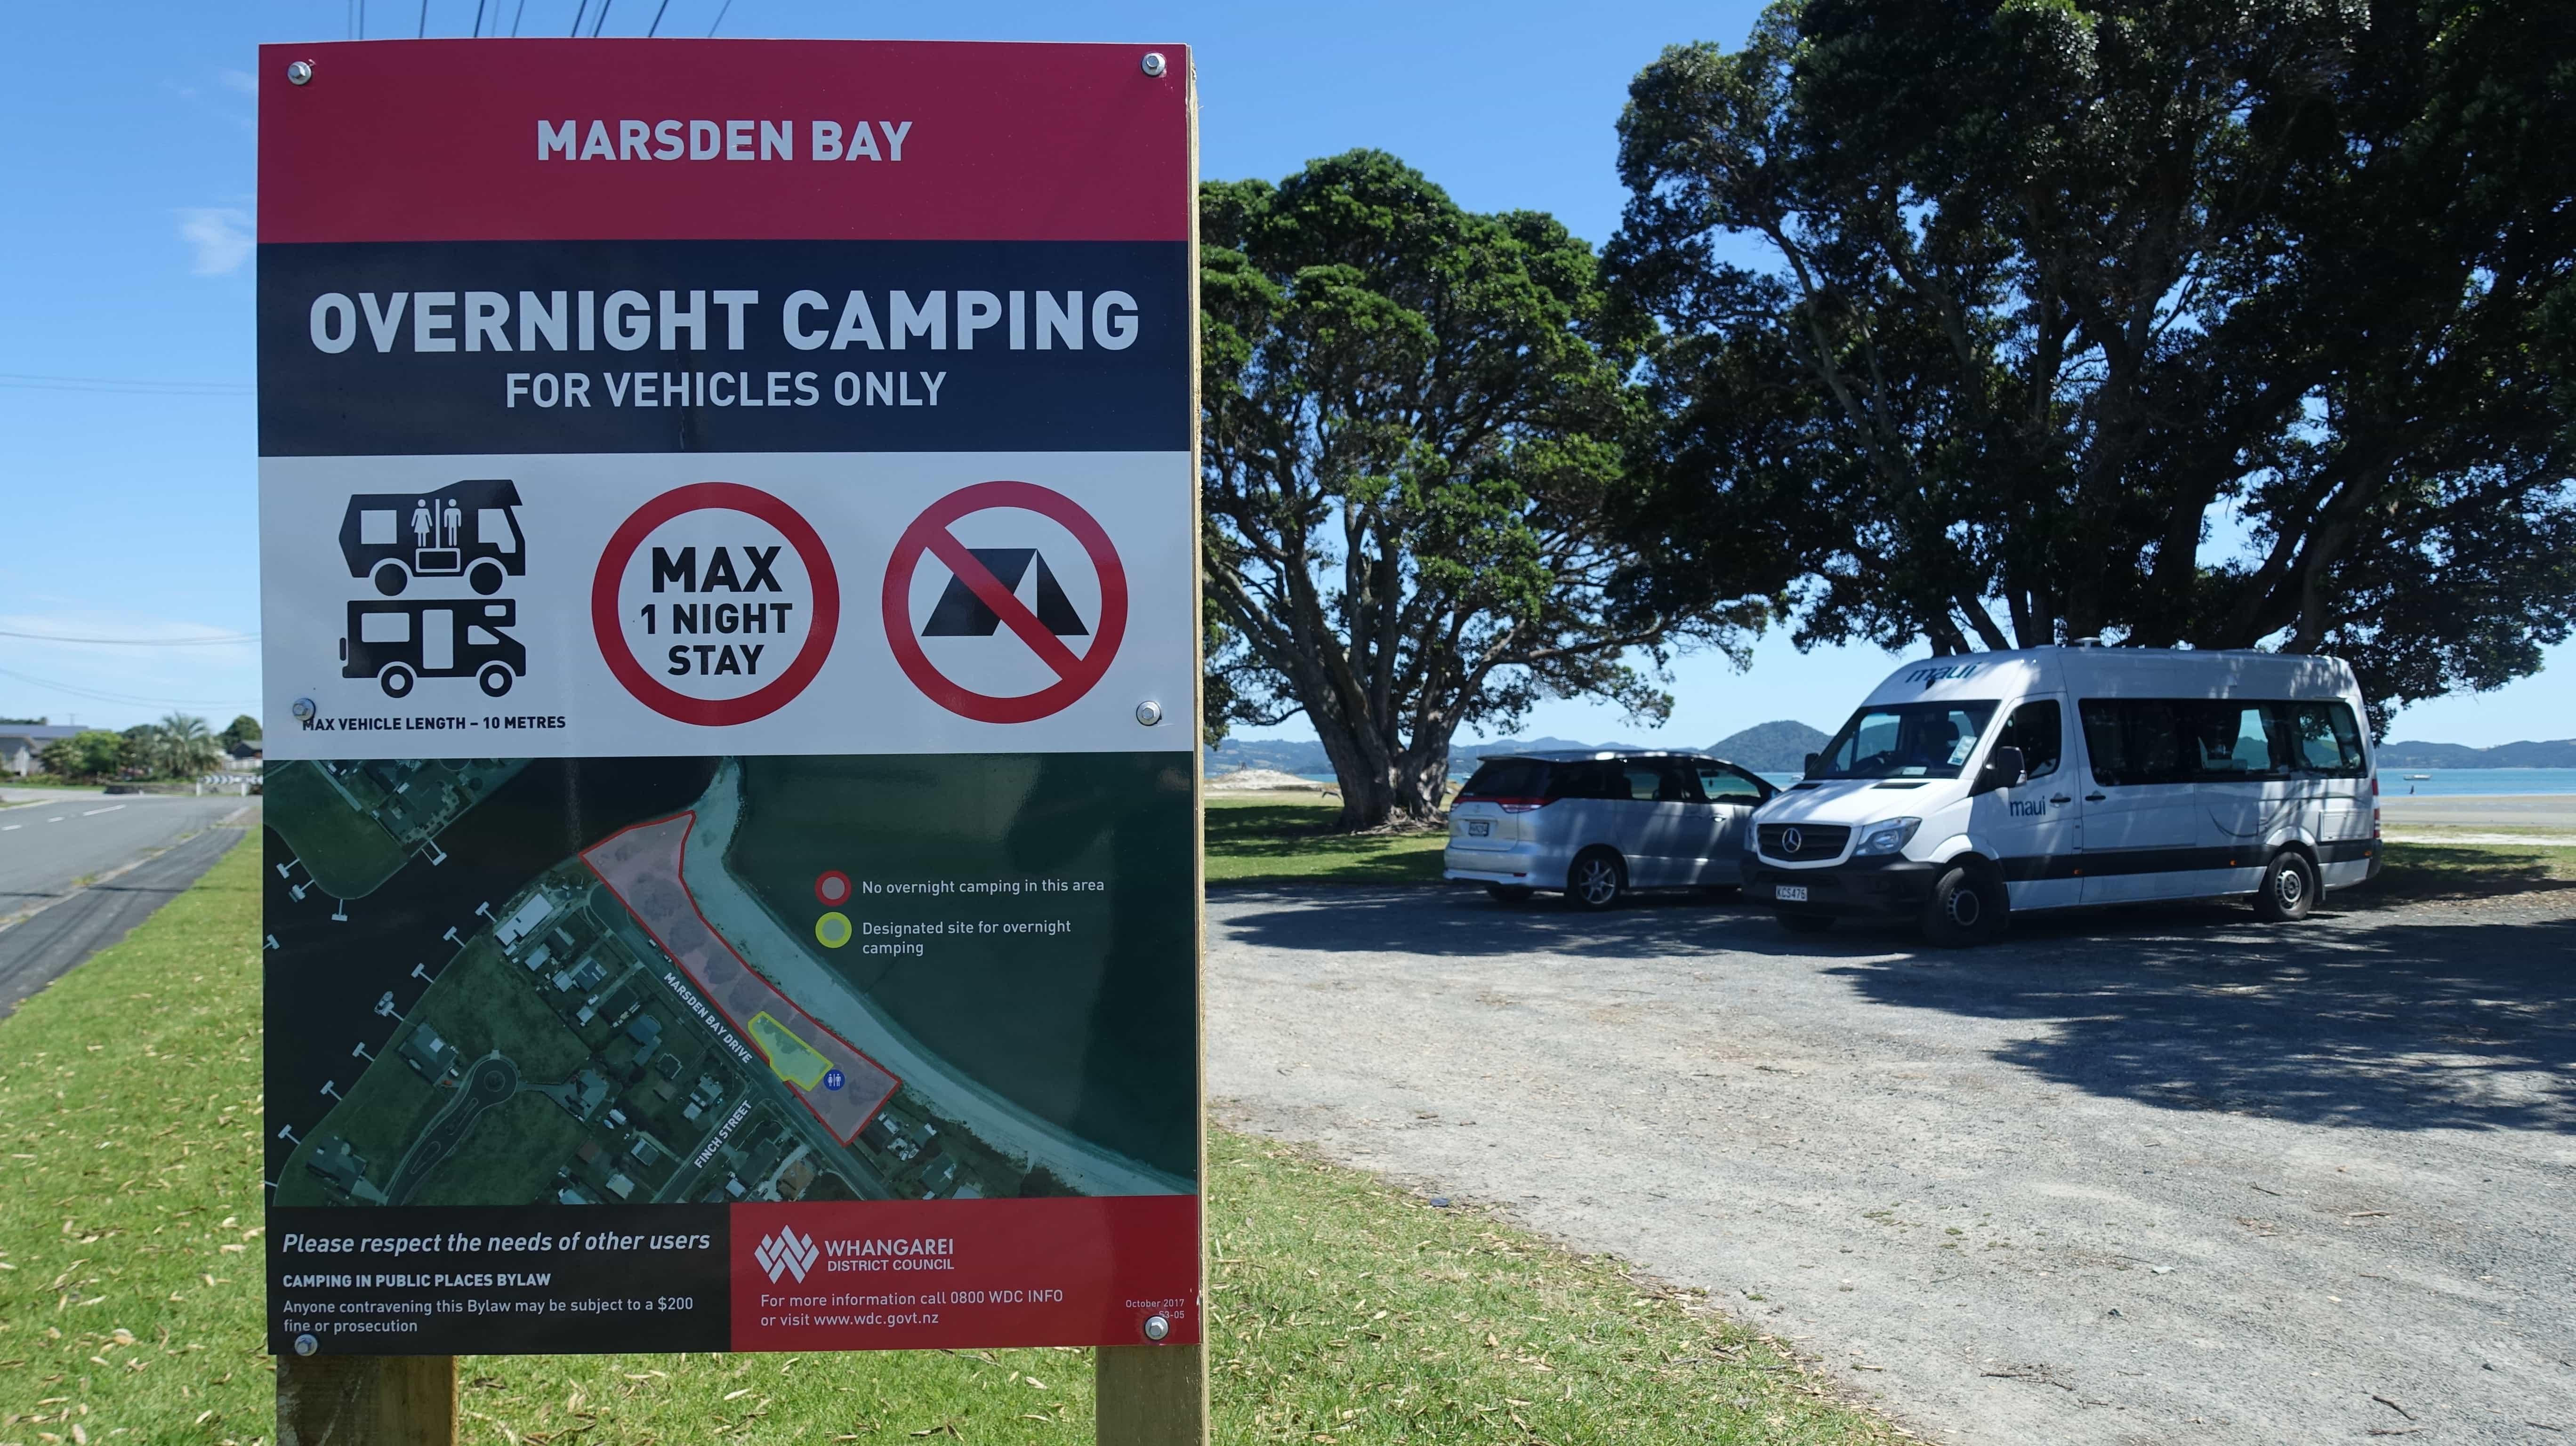 Overnight Camping in Neuseeland in der Marsden Bay